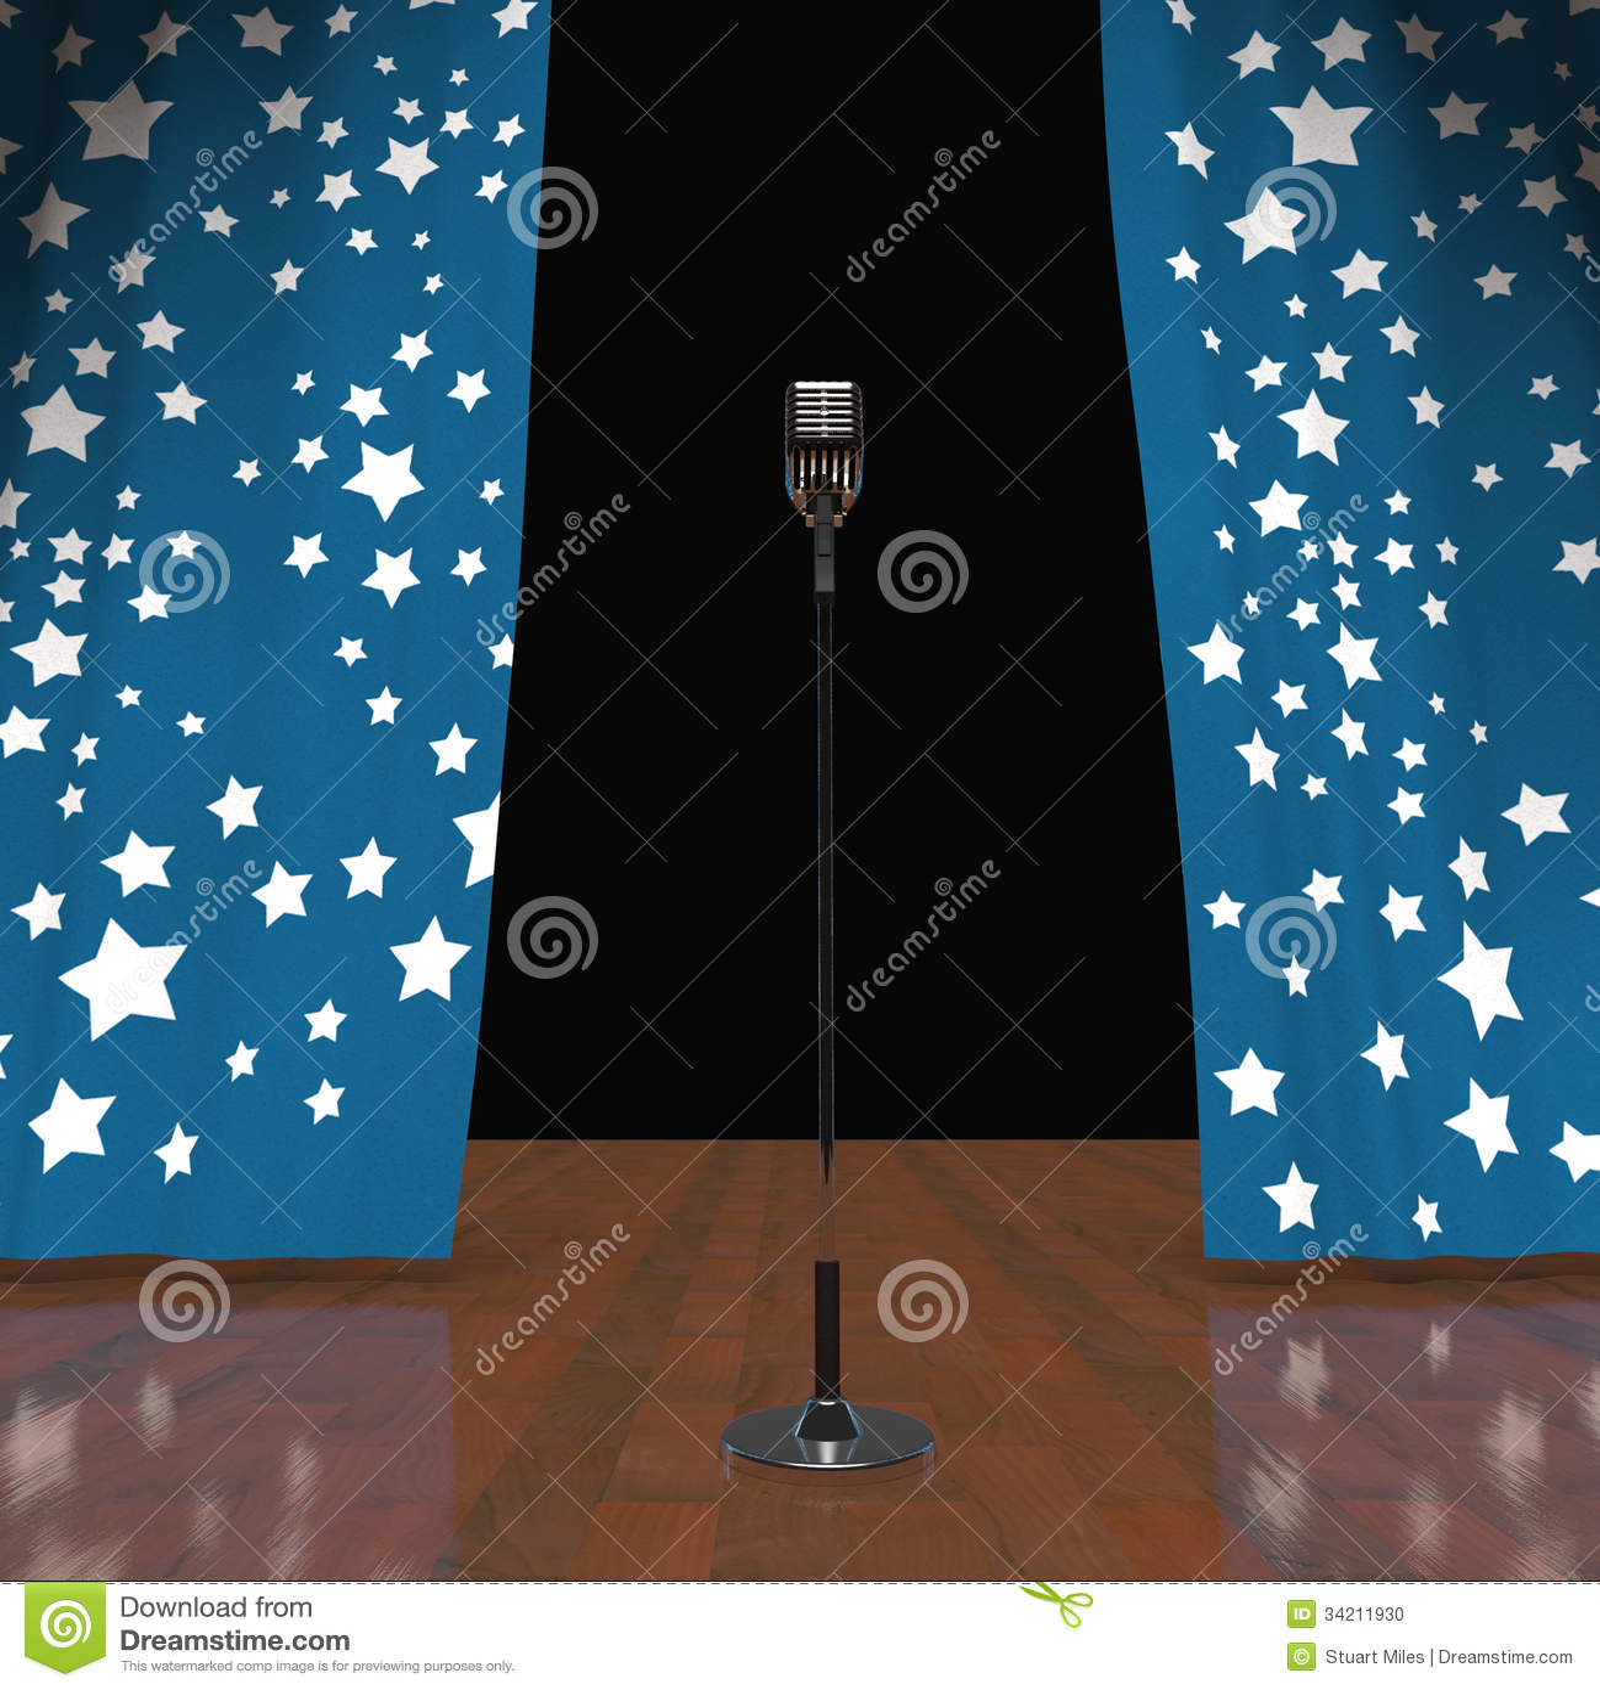 Mikrofon Auf Buhnenshow Konzert Oder Talent Show Stock Abbildung